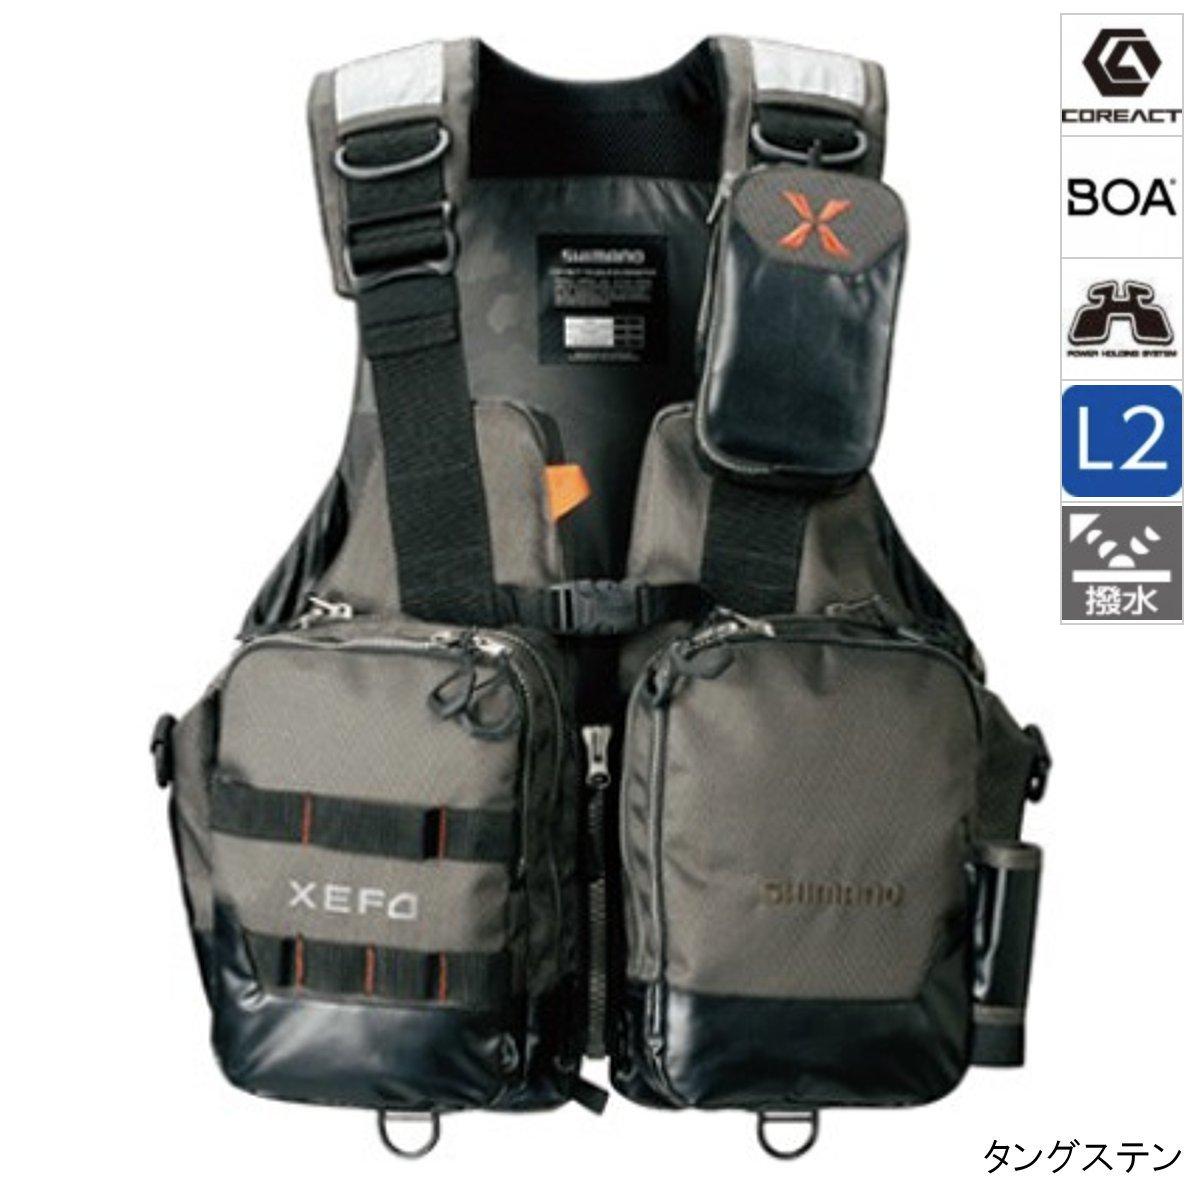 シマノ XEFO・アクトゲームベスト VF-274R XL タングステン【送料無料】